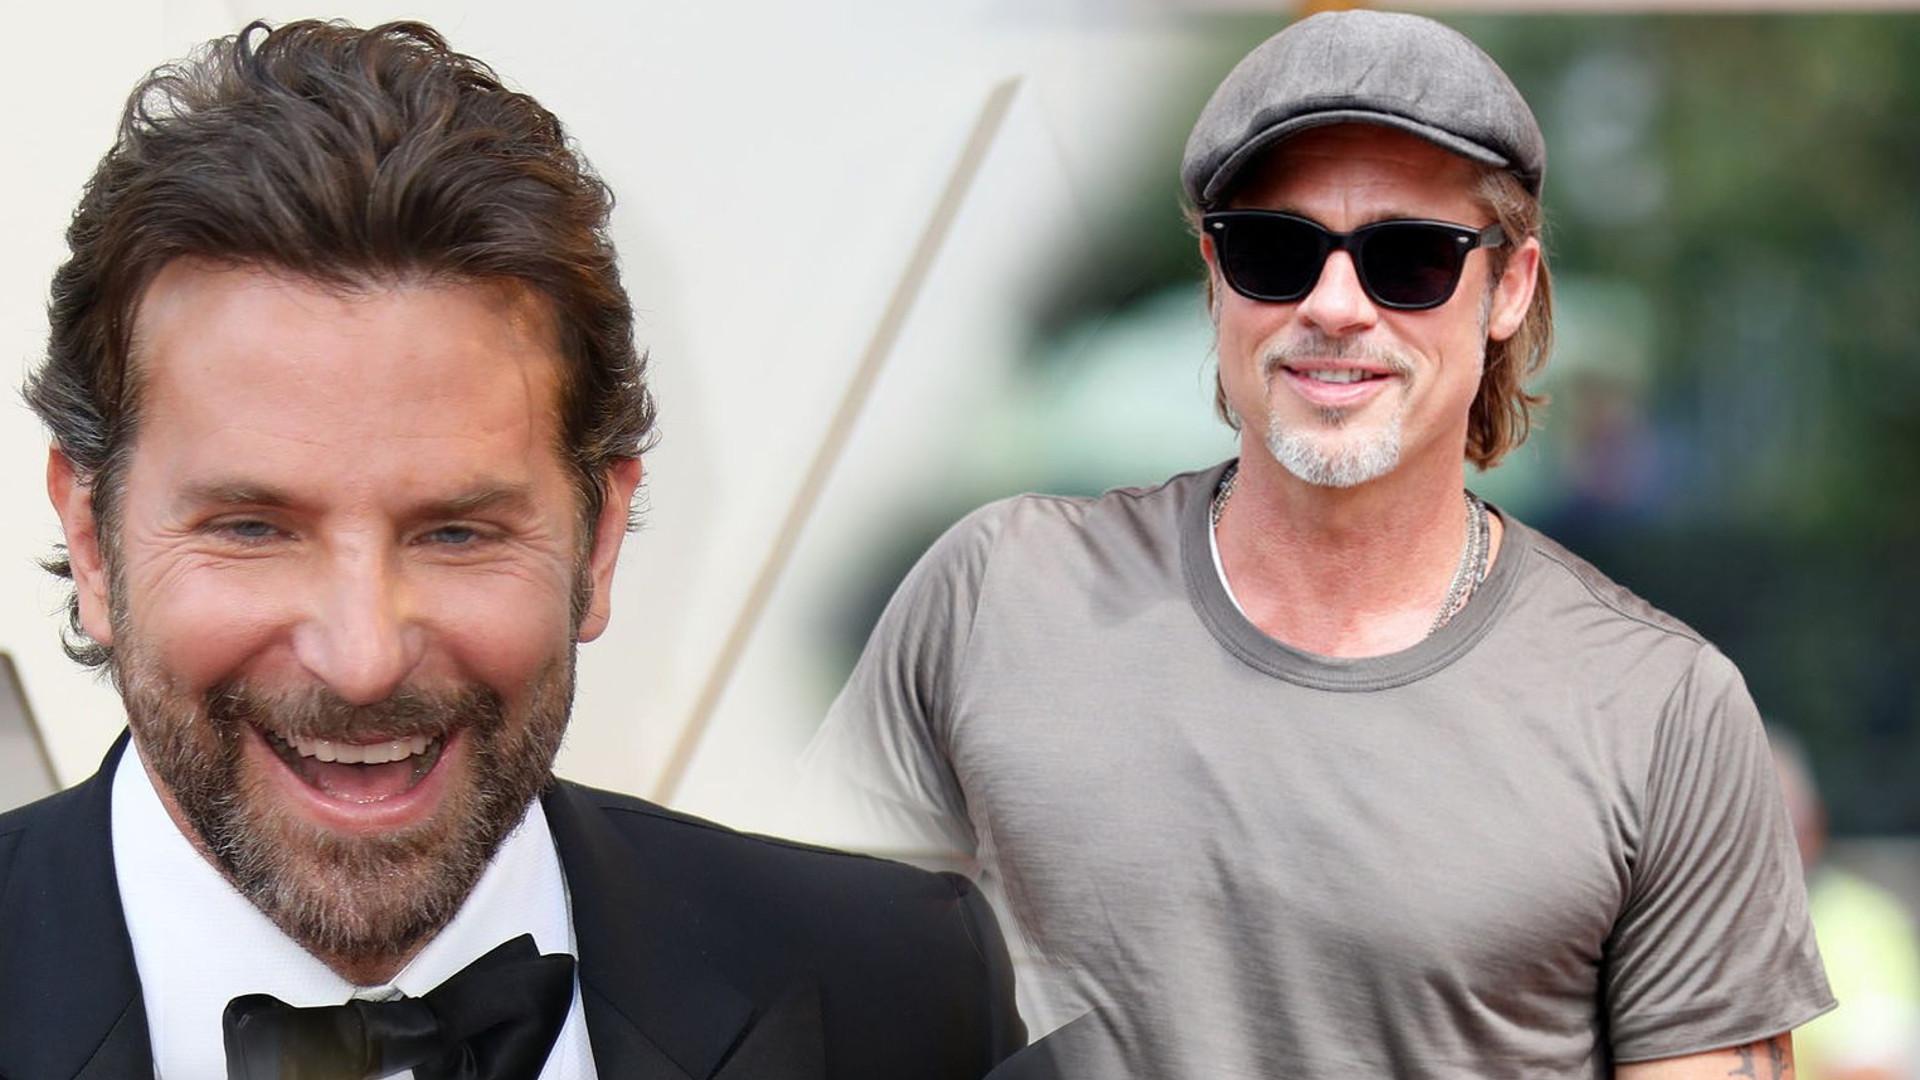 Brad Pitt jest wdzięczny Bradley'owi Cooper'owi za zachęcanie go do trzeźwości